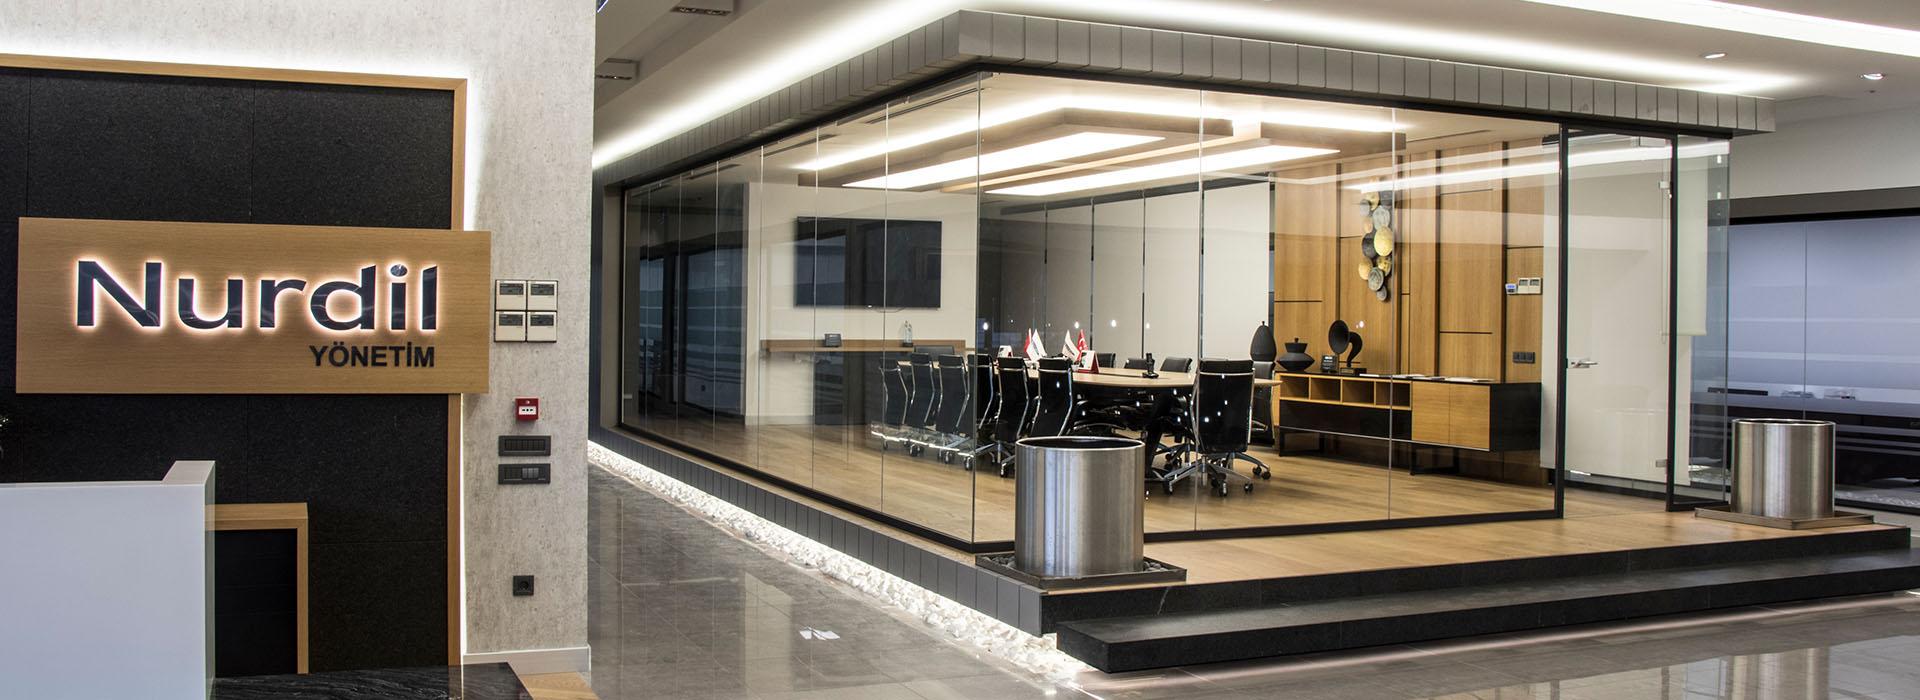 modüler ofis bölme sistemleri proje